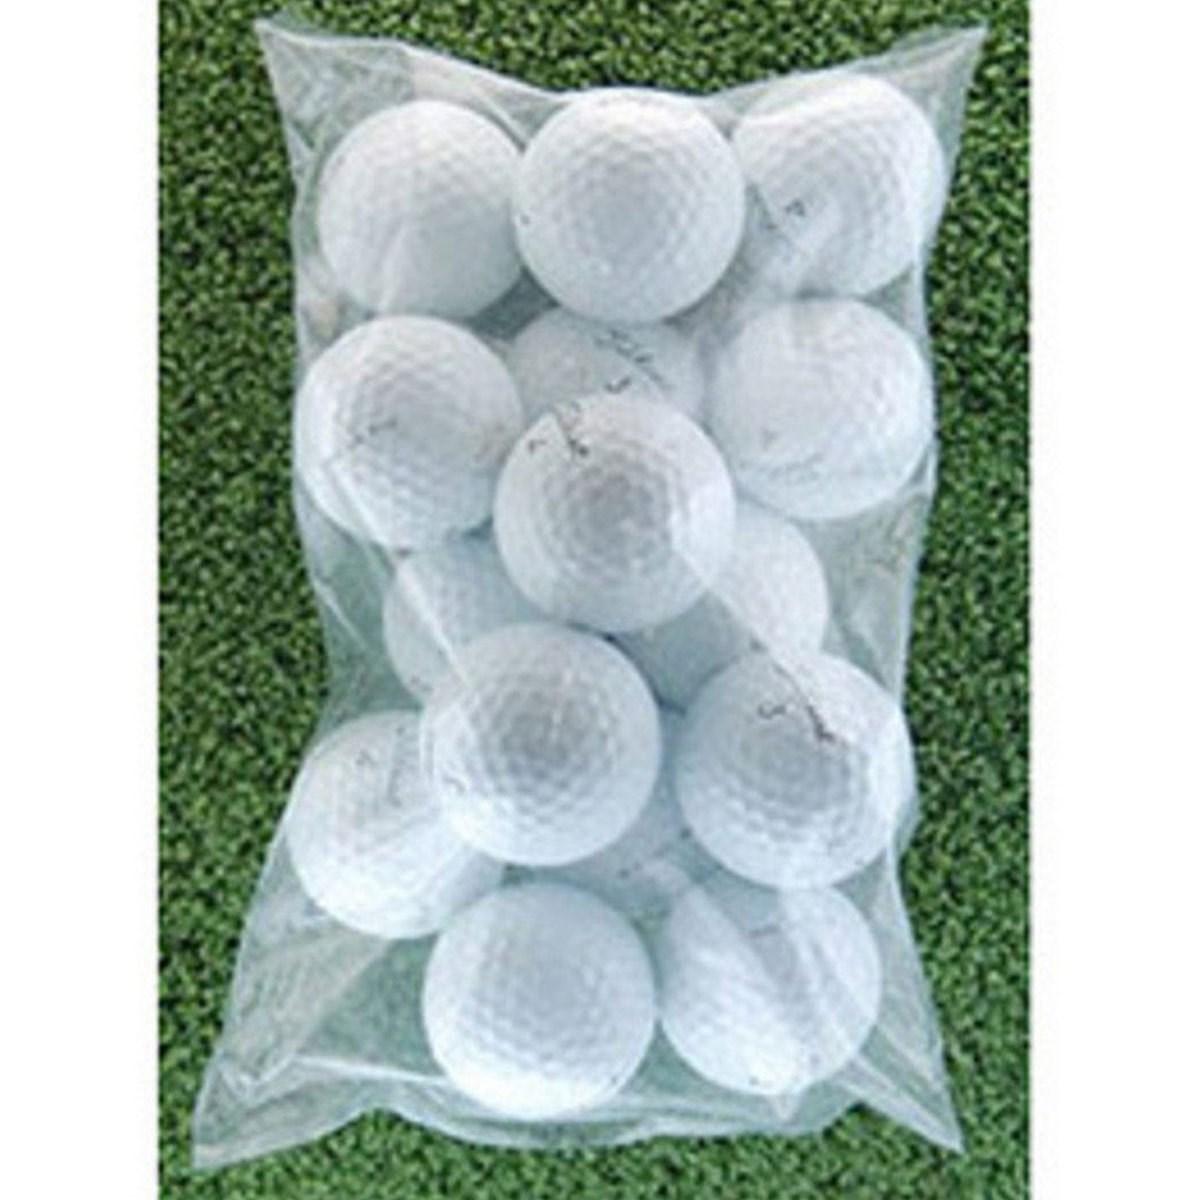 ロストボール メイホウゴルフ ロストボール プロV1小袋15個入り4パック 60個セット